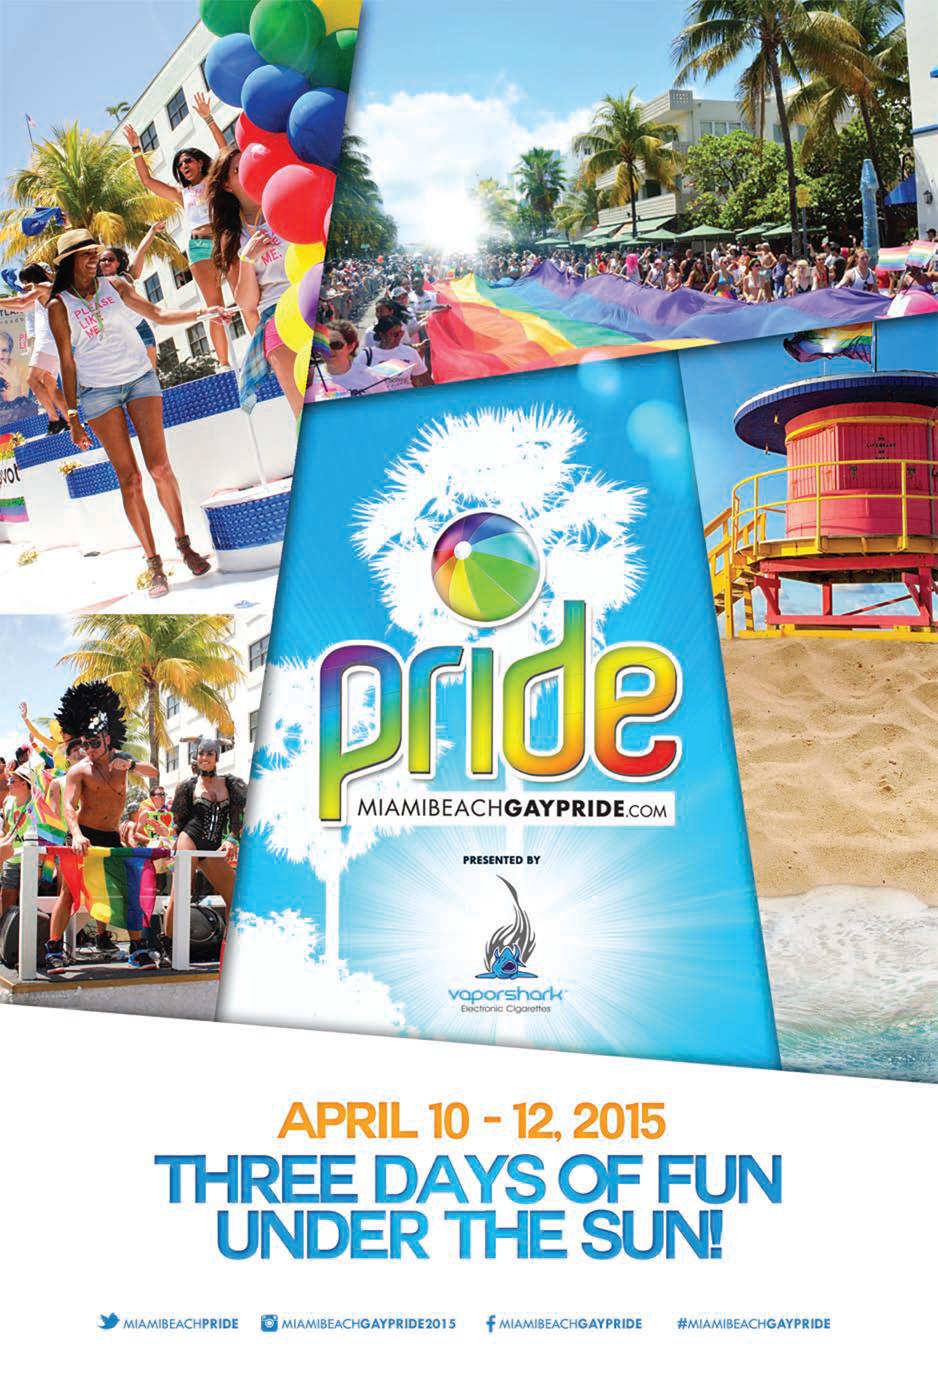 Miami Beach Gay Pride 2015